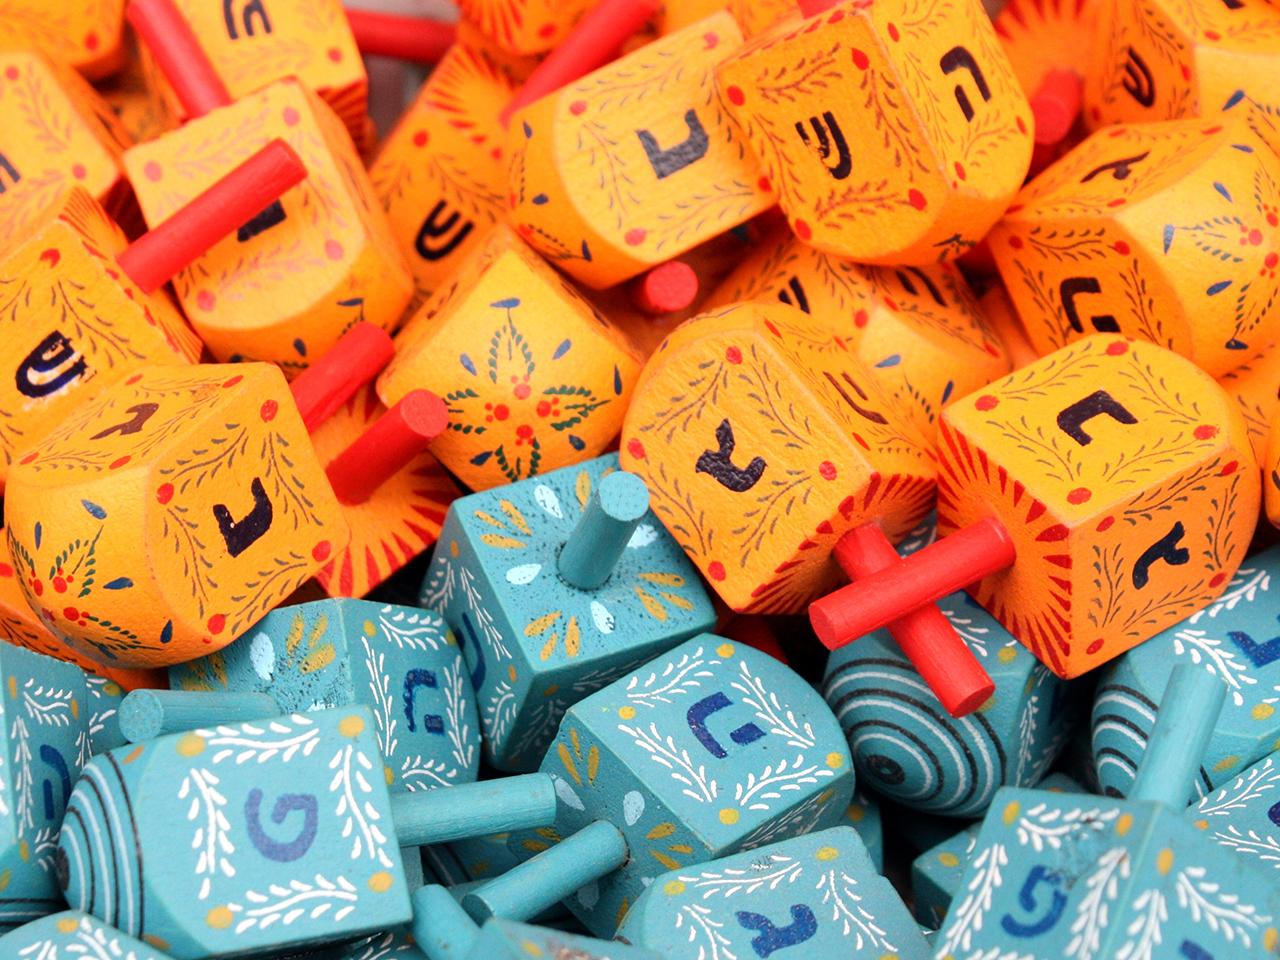 dreidels wooden toys